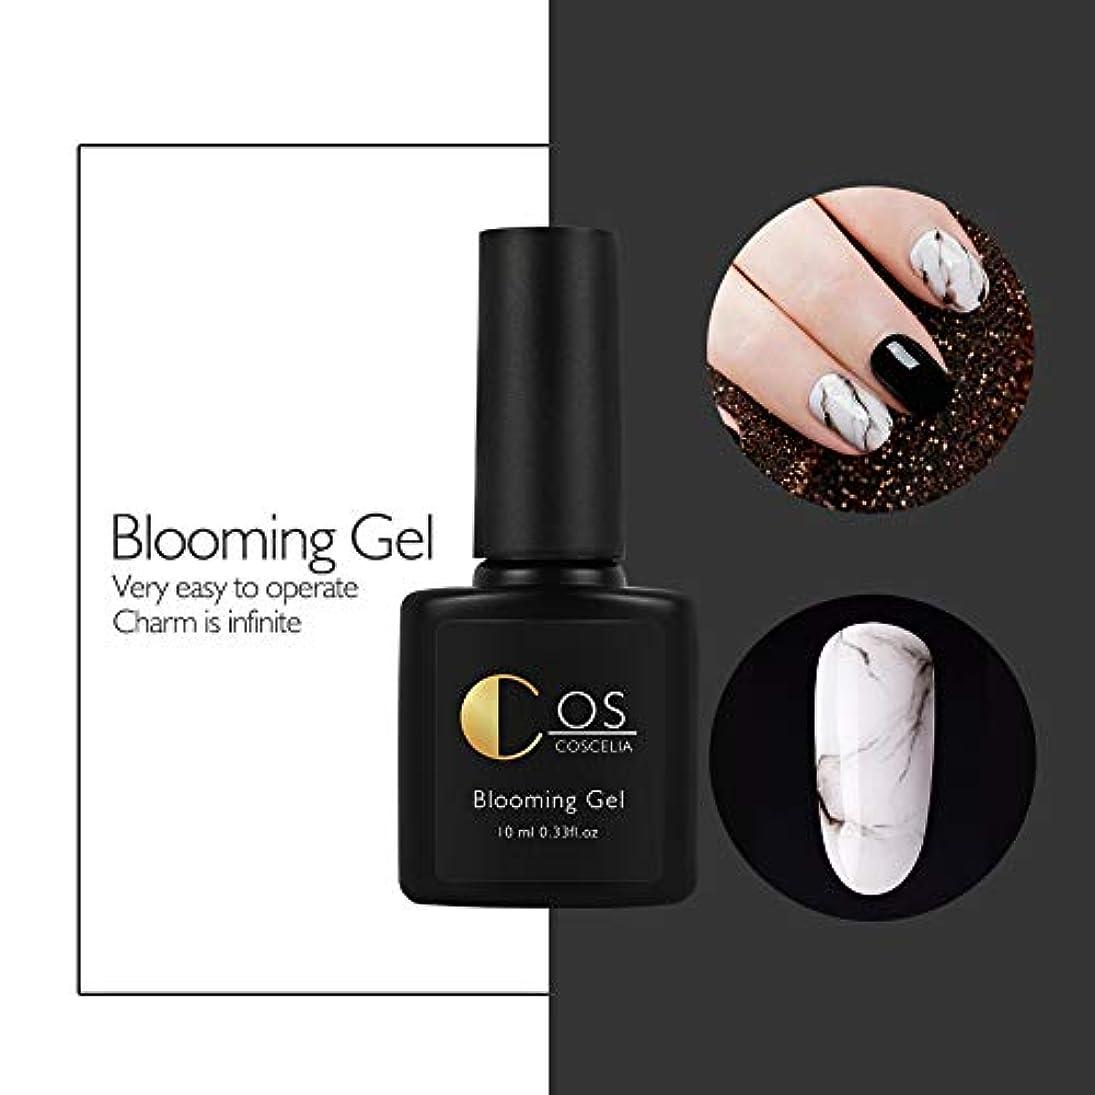 見つけるコーンウォールスキップTwinkle Storeジェルネイル クリアブルーミングジェル 自宅ネイル セルフネイル clear blooming gel